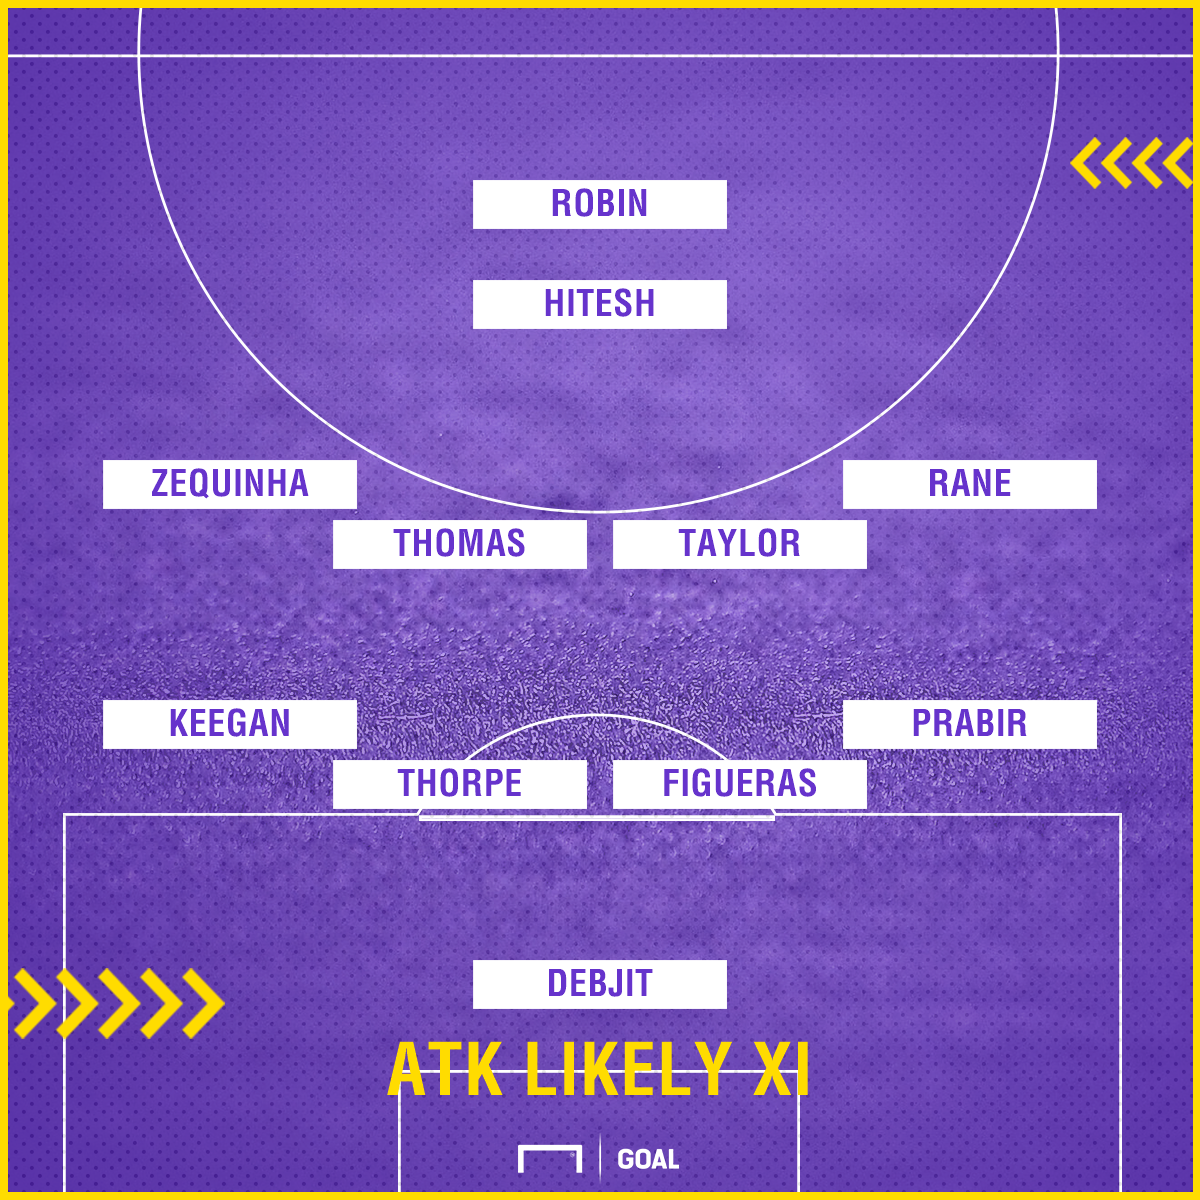 ATK XI